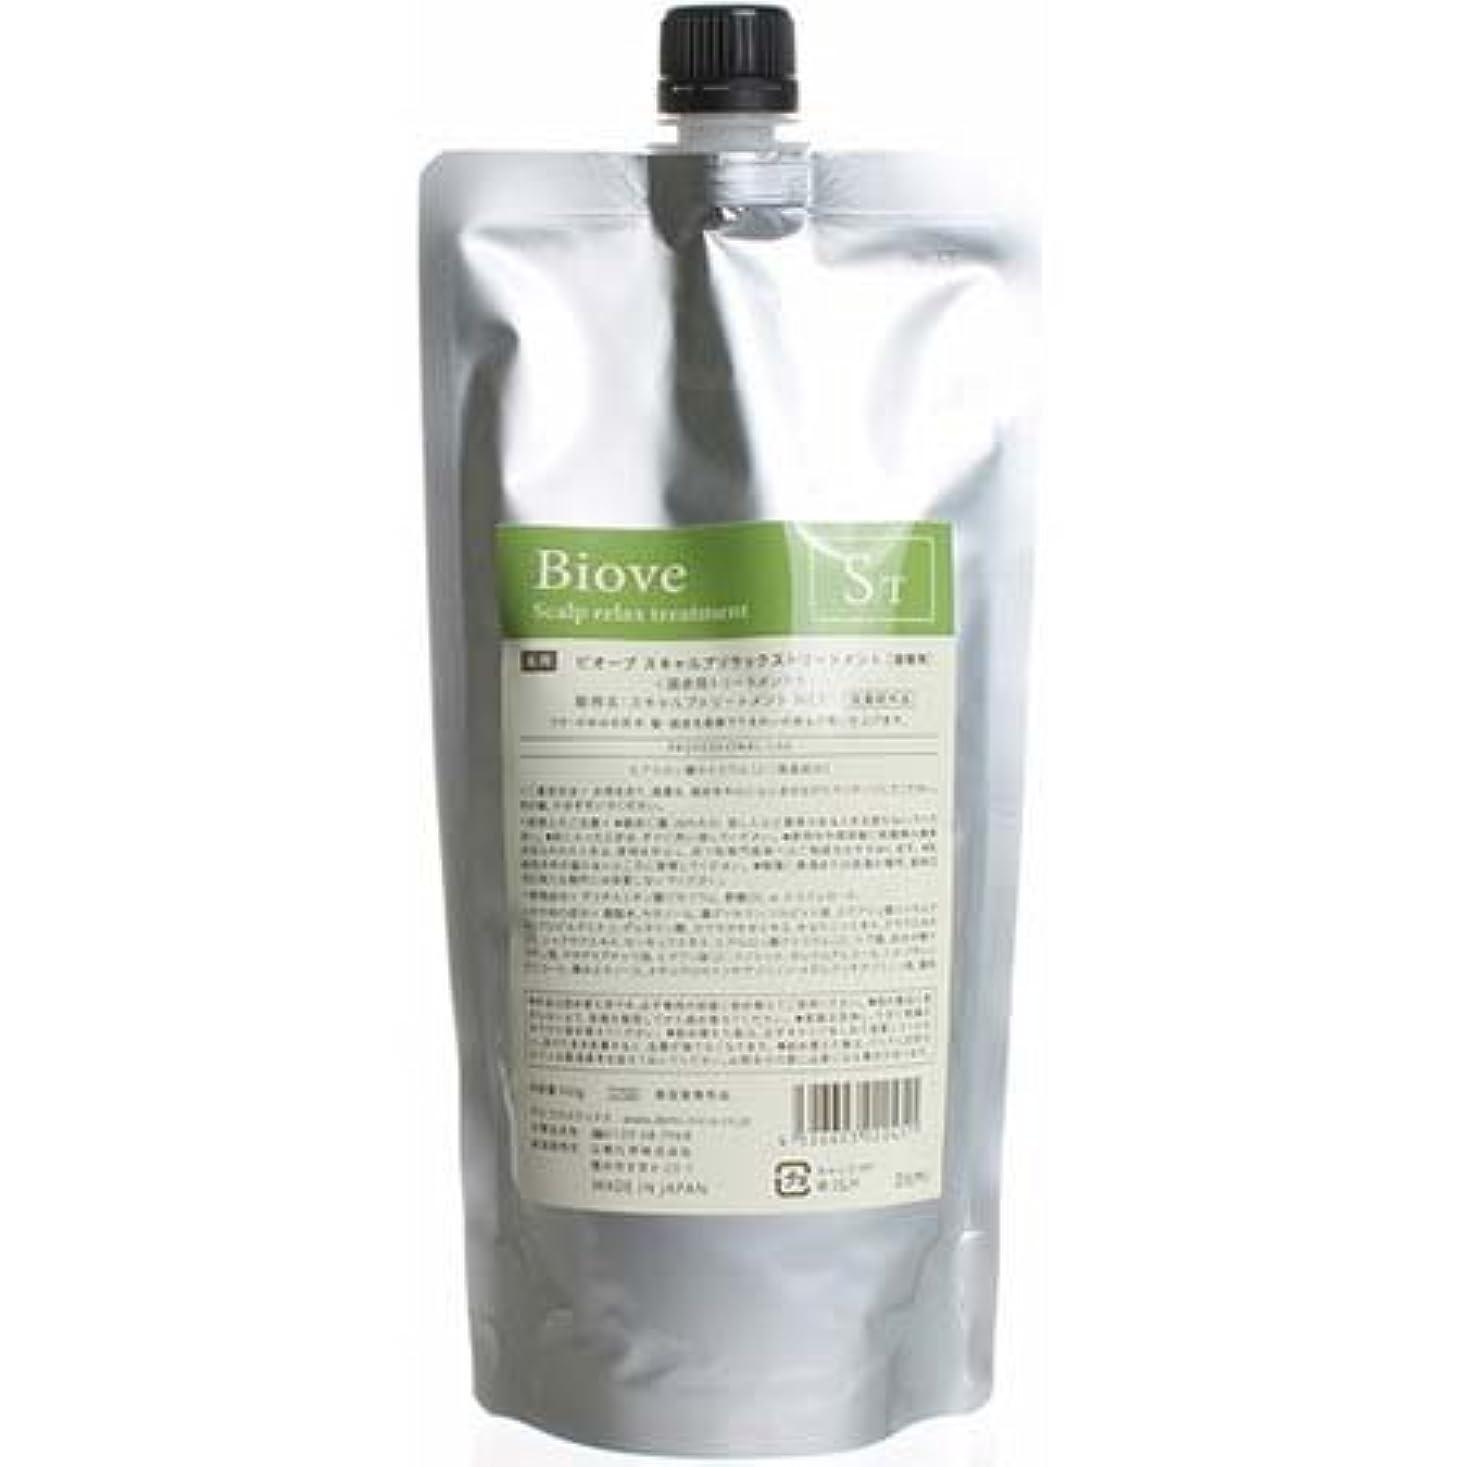 テロリスト台風味わうデミ〈ビオーブ〉スキャルプリラックス トリートメント[医薬部外品] 詰替用450g